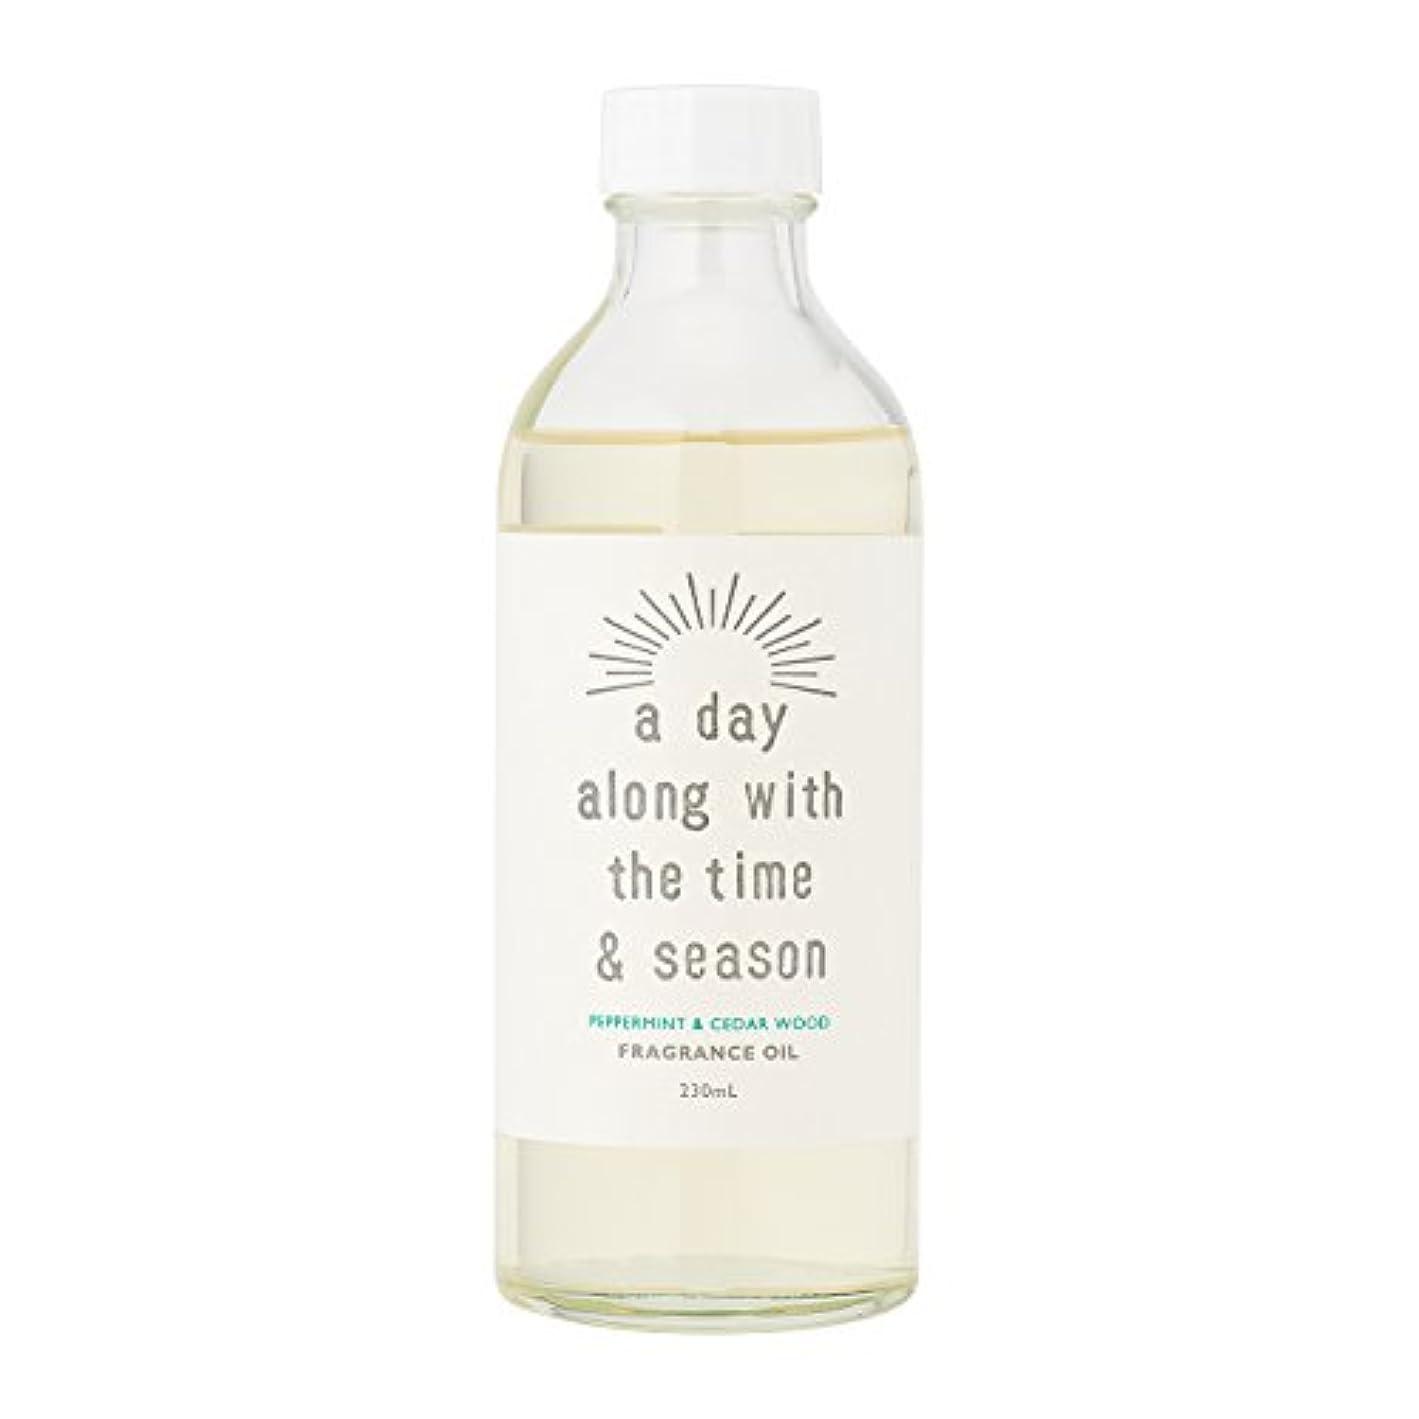 アデイ(a day) リードディフューザー リフィル ペパーミント&シダーウッド 230ml(芳香剤 詰め替え用 清涼感たっぷりのペパーミントにとてもまろやかな甘みのシダーウッドをあわせた香り)